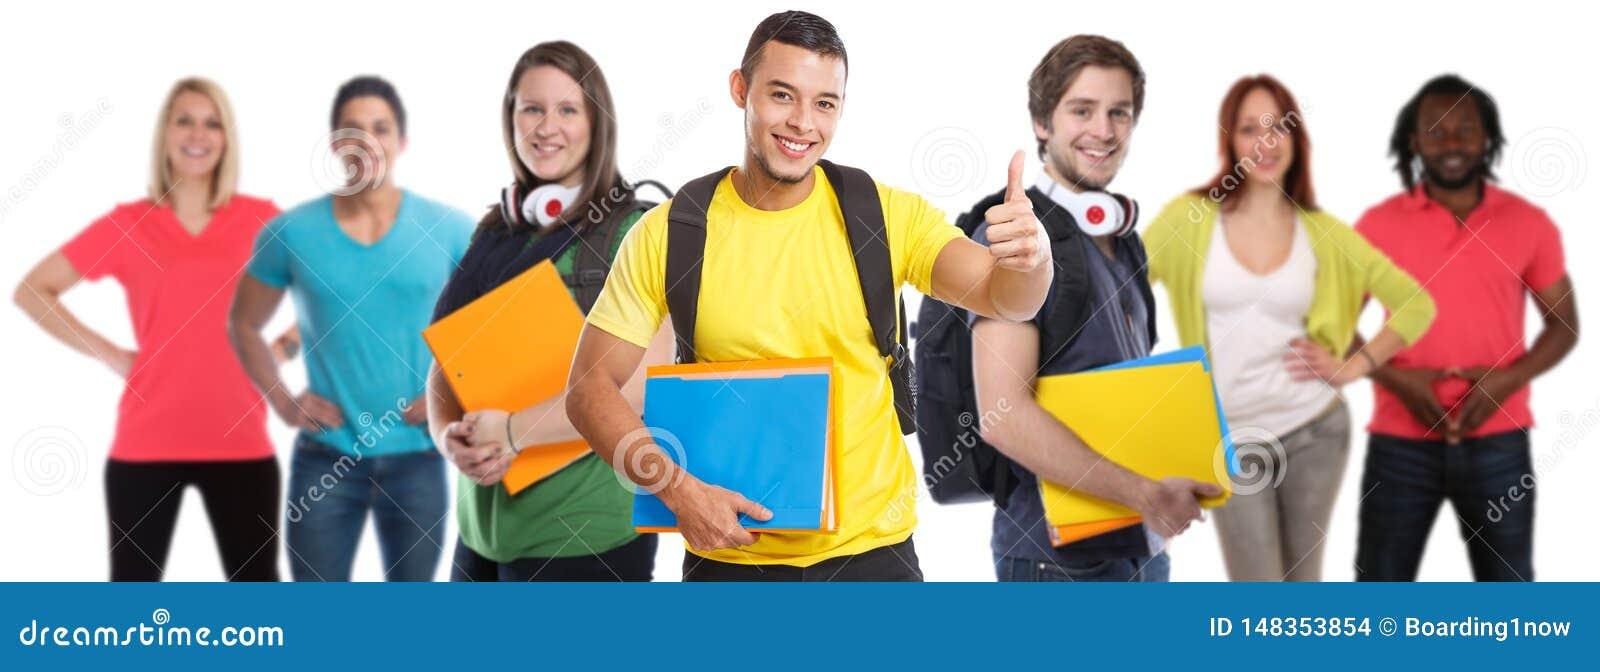 Группа в составе молодые люди больших пальцев руки успеха студента колледжа студентов успешных вверх по образованию изолированных